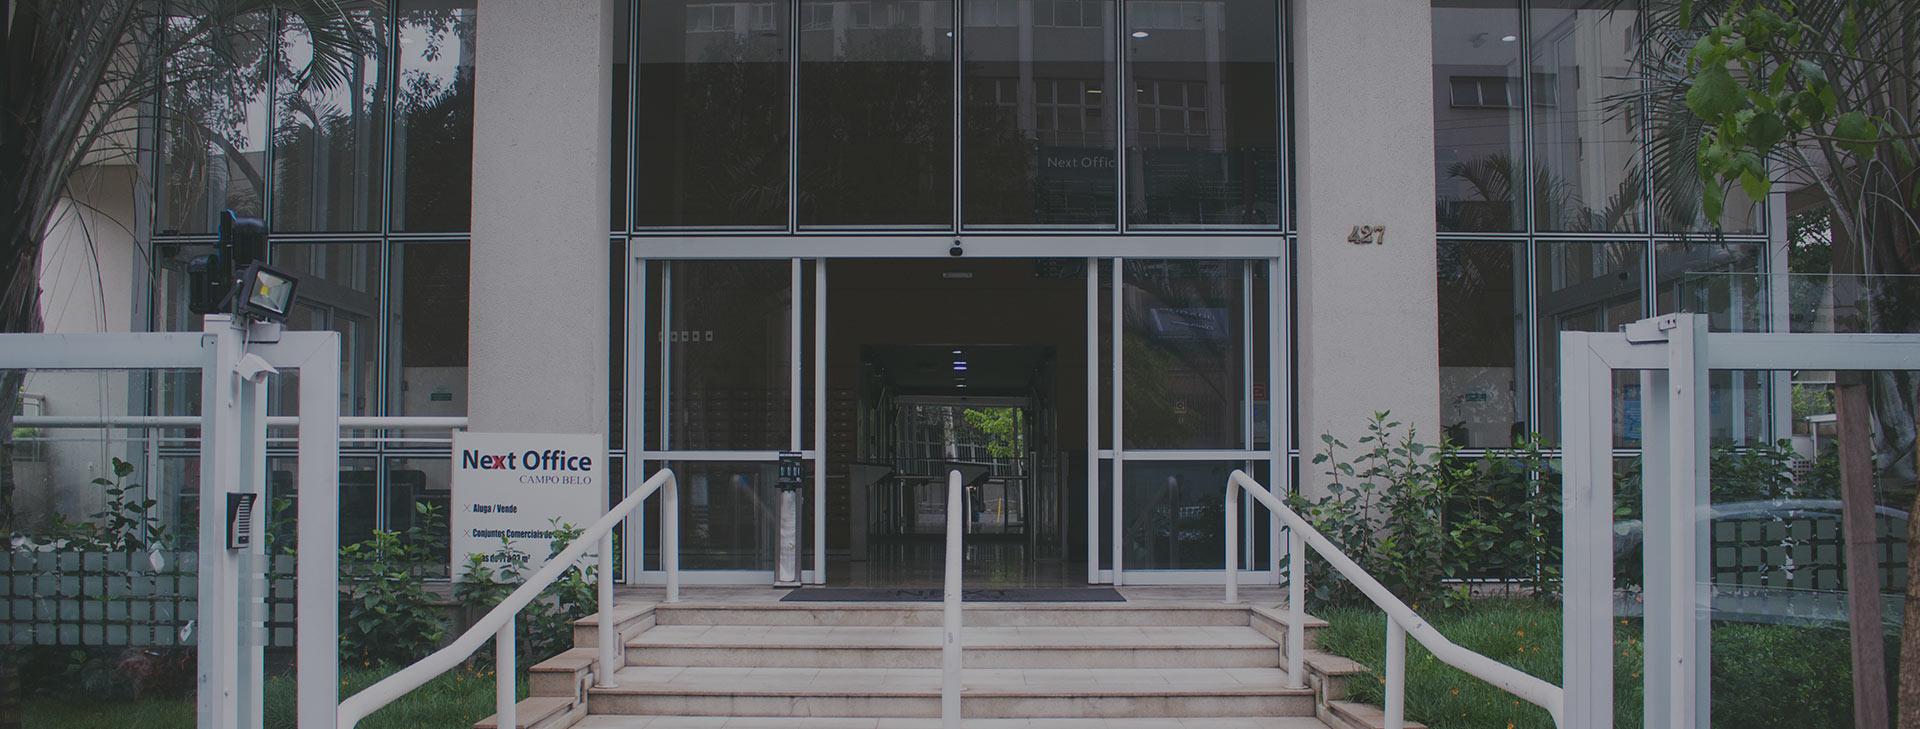 banner faxada